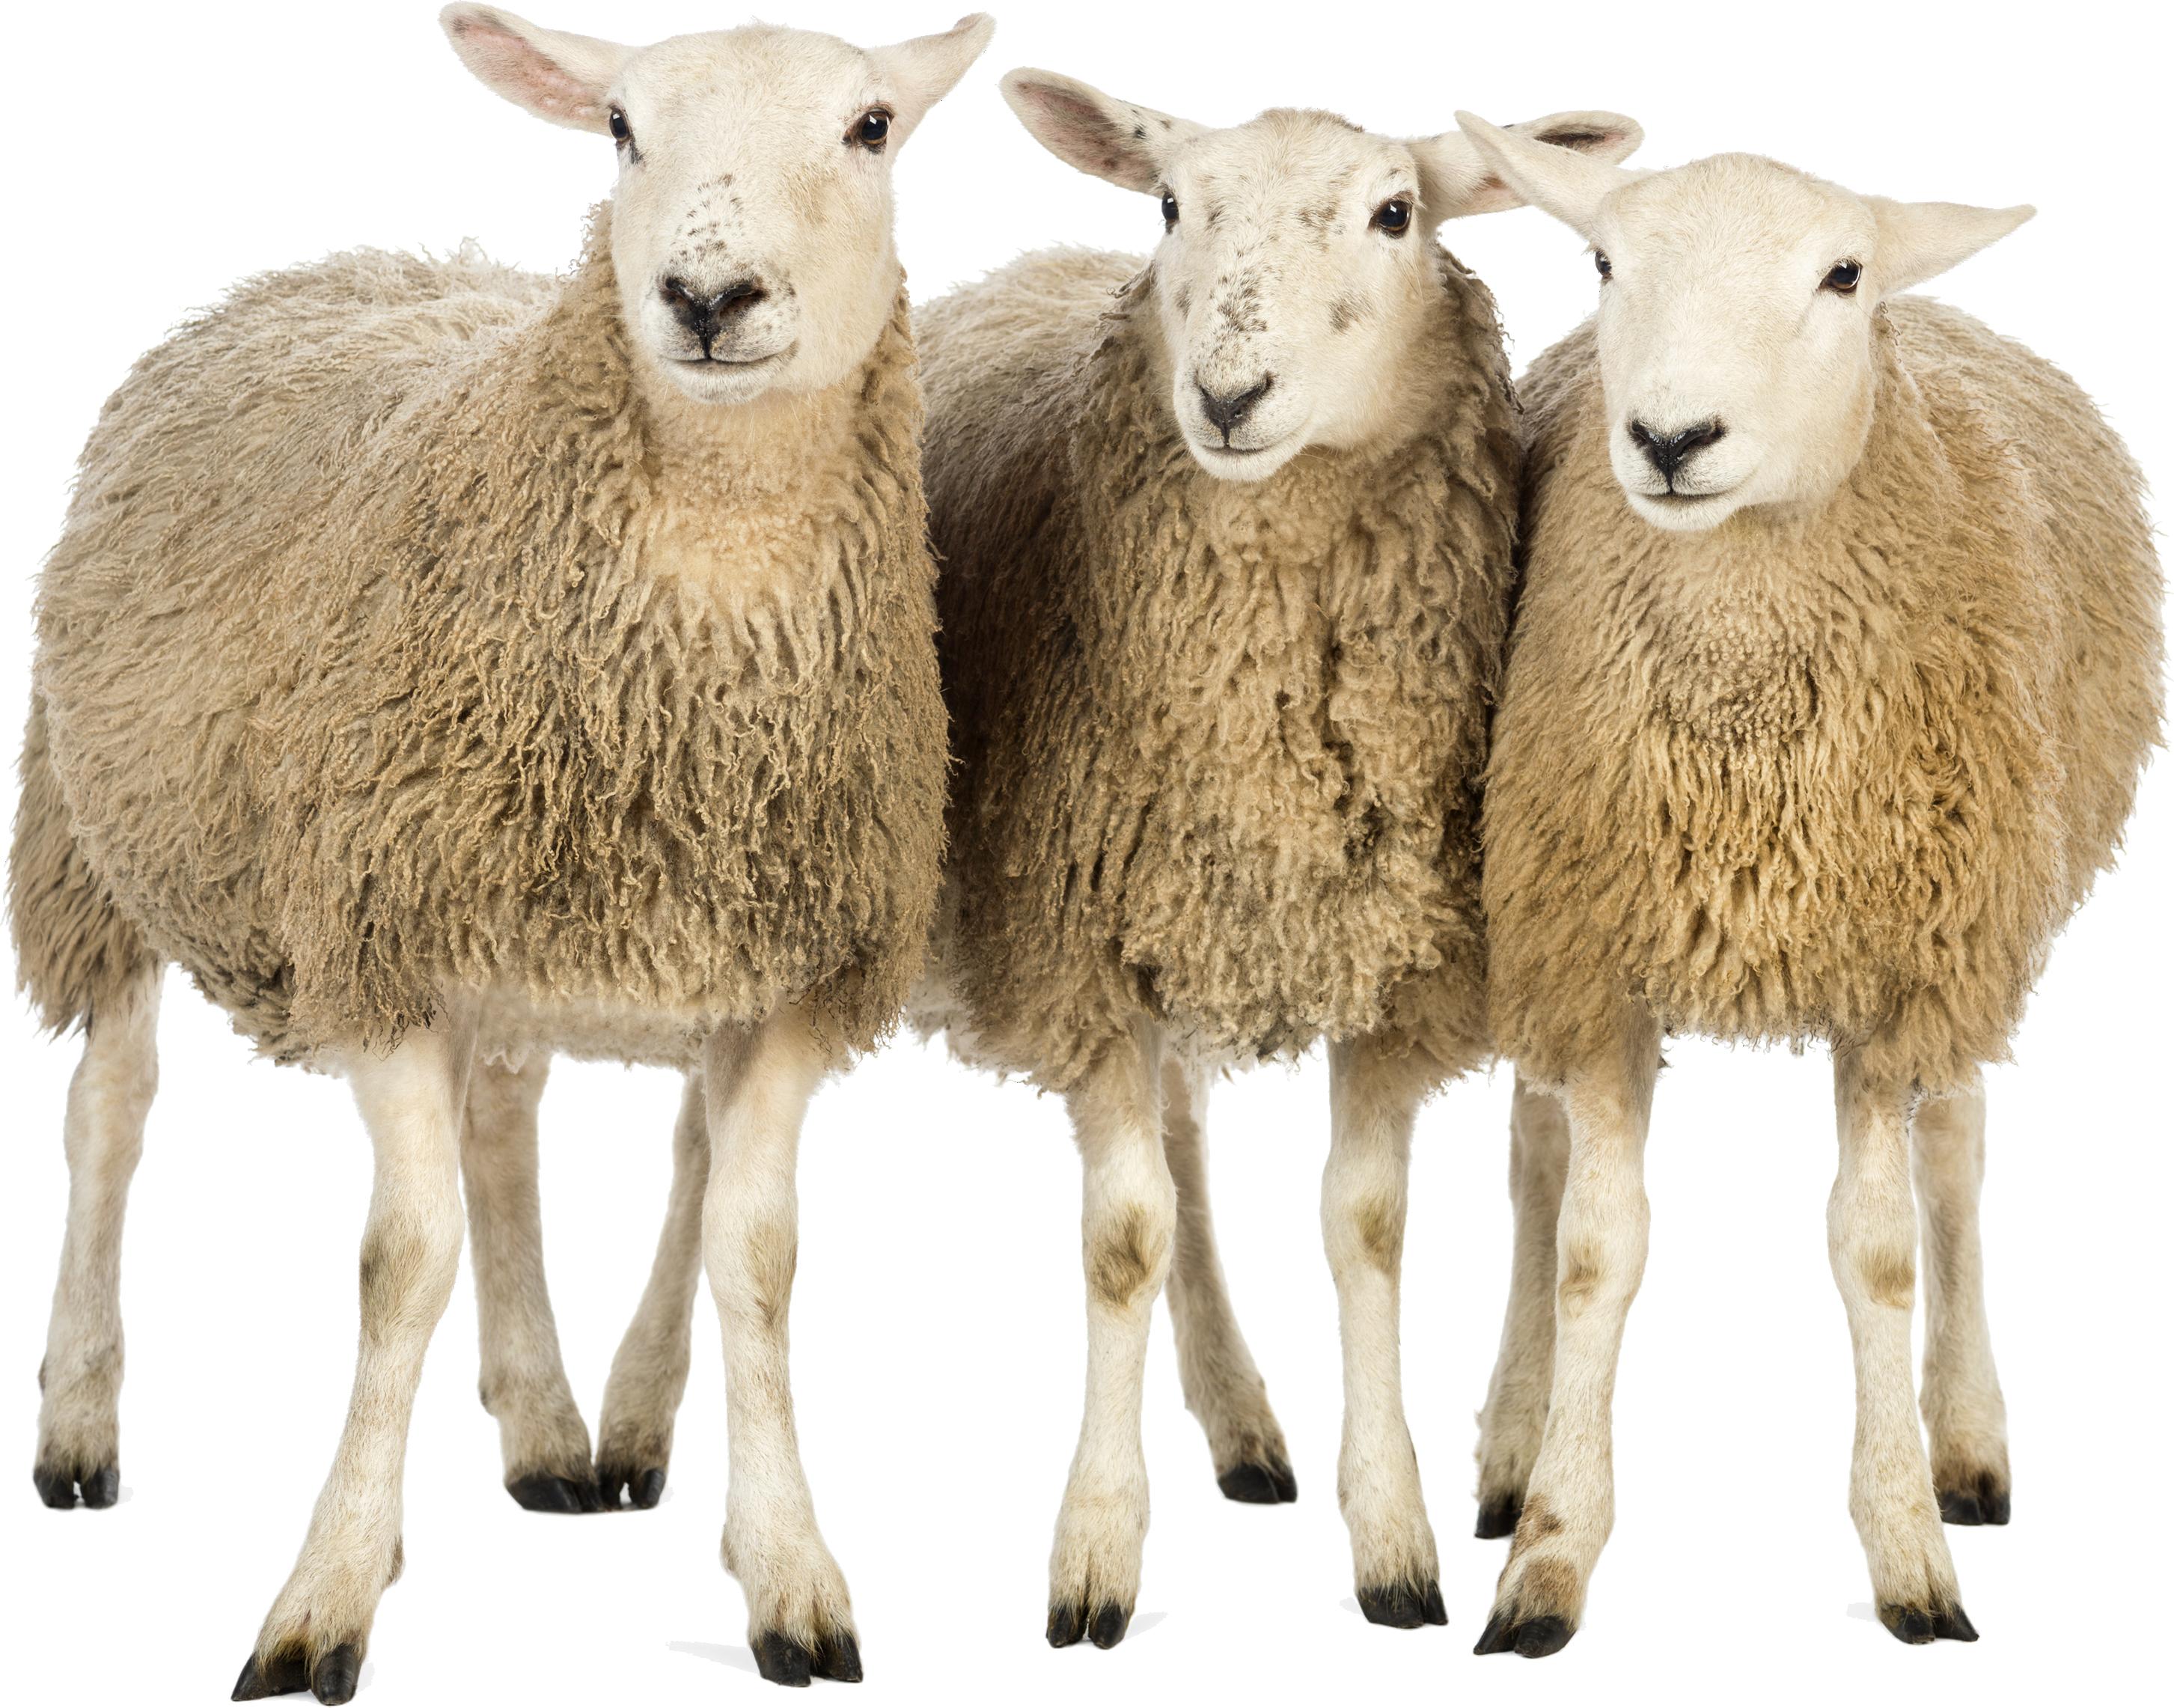 Sheep PNG - 6524